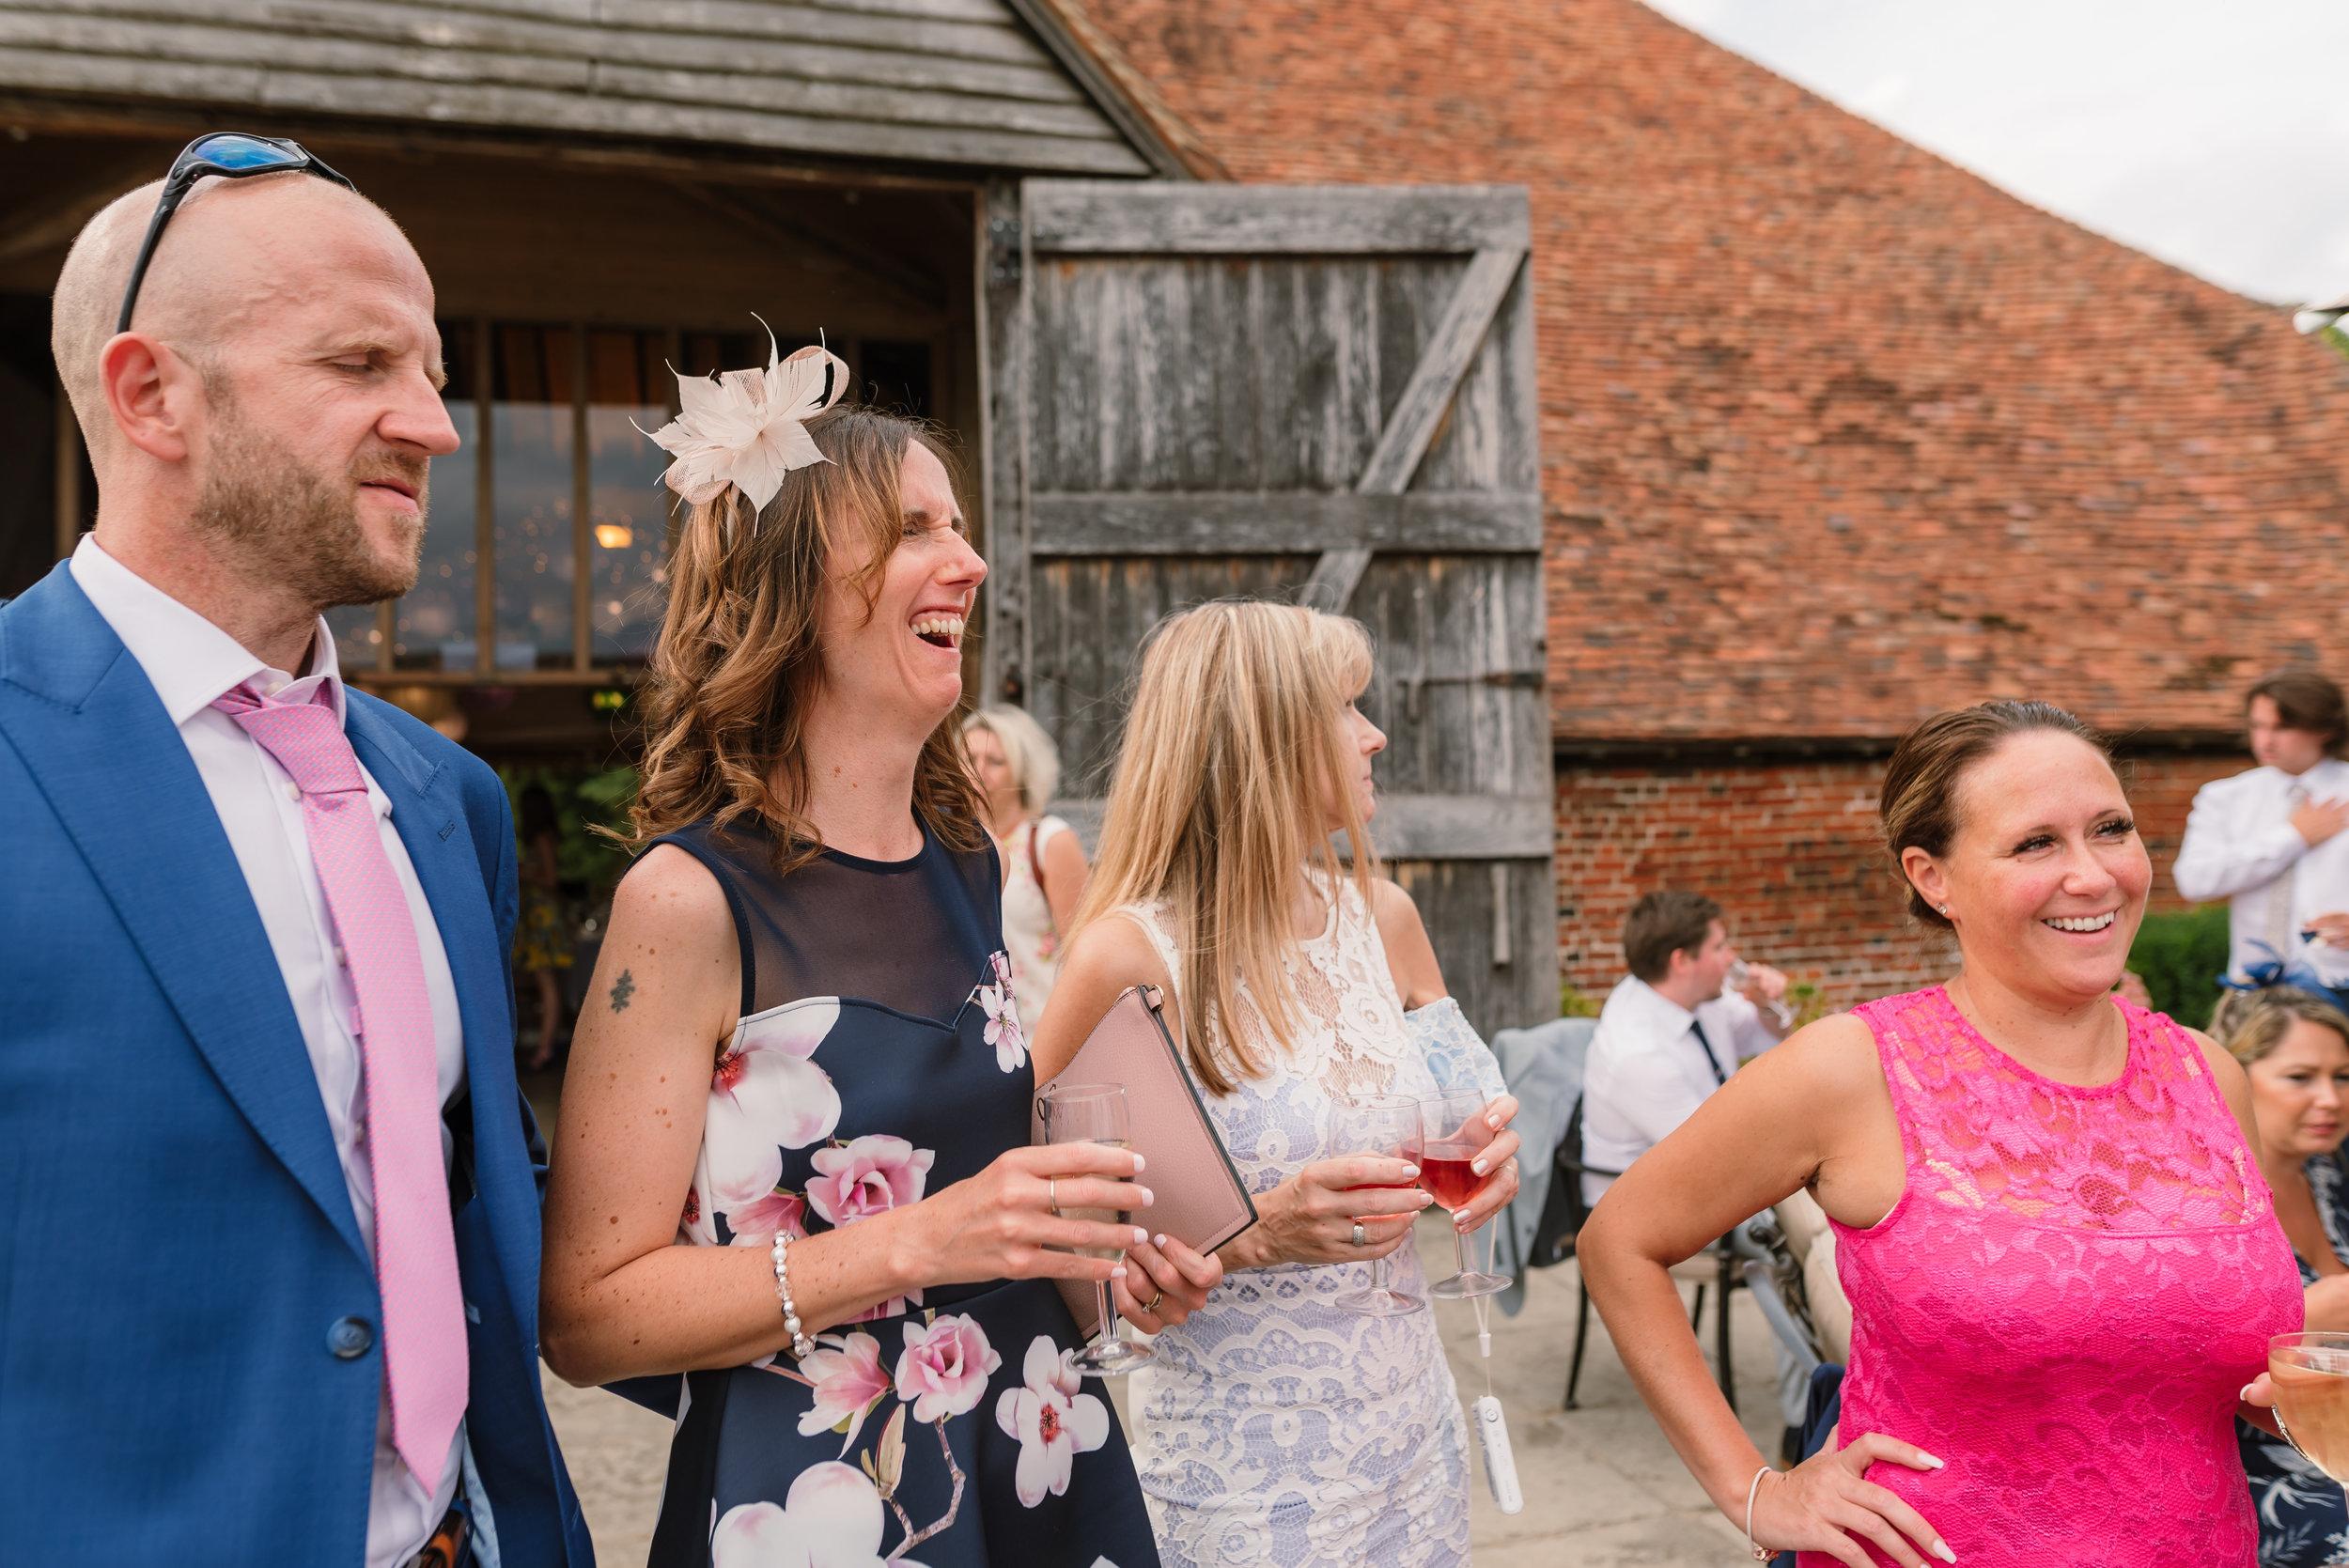 Hampshire Wedding Photographer Hampshire : Ufton-Court-Wedding : Barn-wedding-venue-hampshire : sarah-fishlock-photography : hampshire-barn-wedding-966.jpg